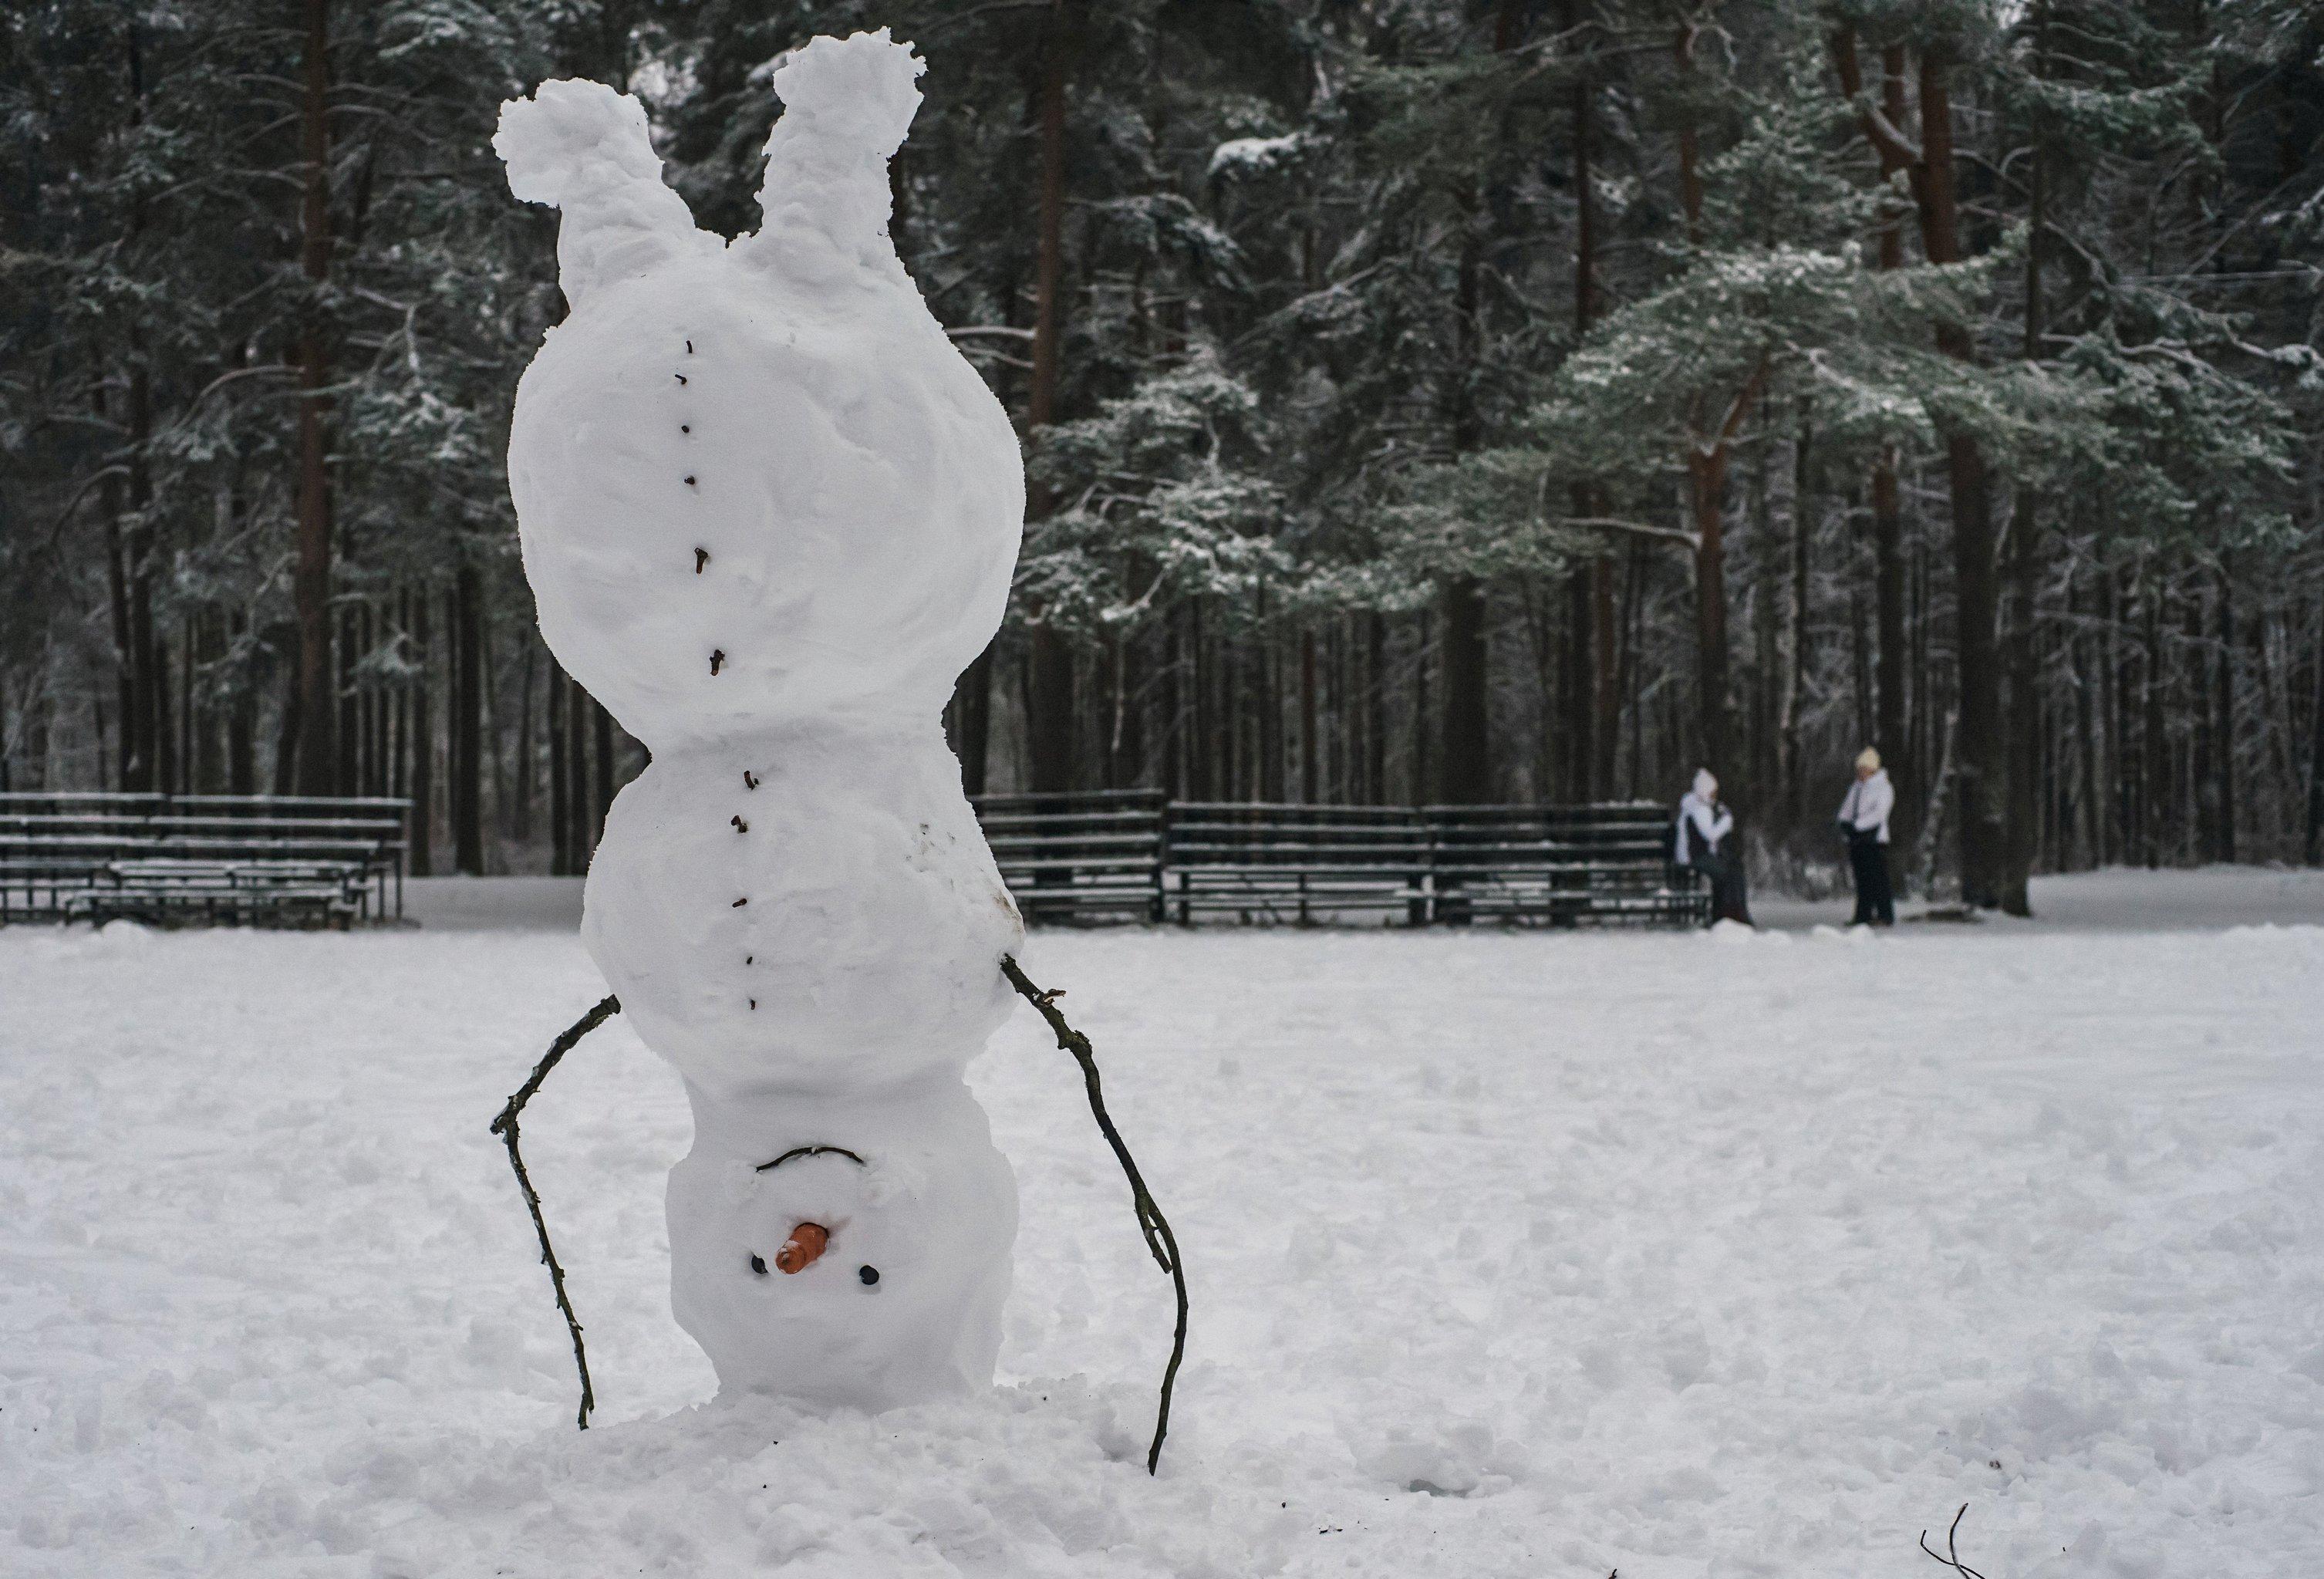 Снега нынешней зимой будет много, обещают синоптики